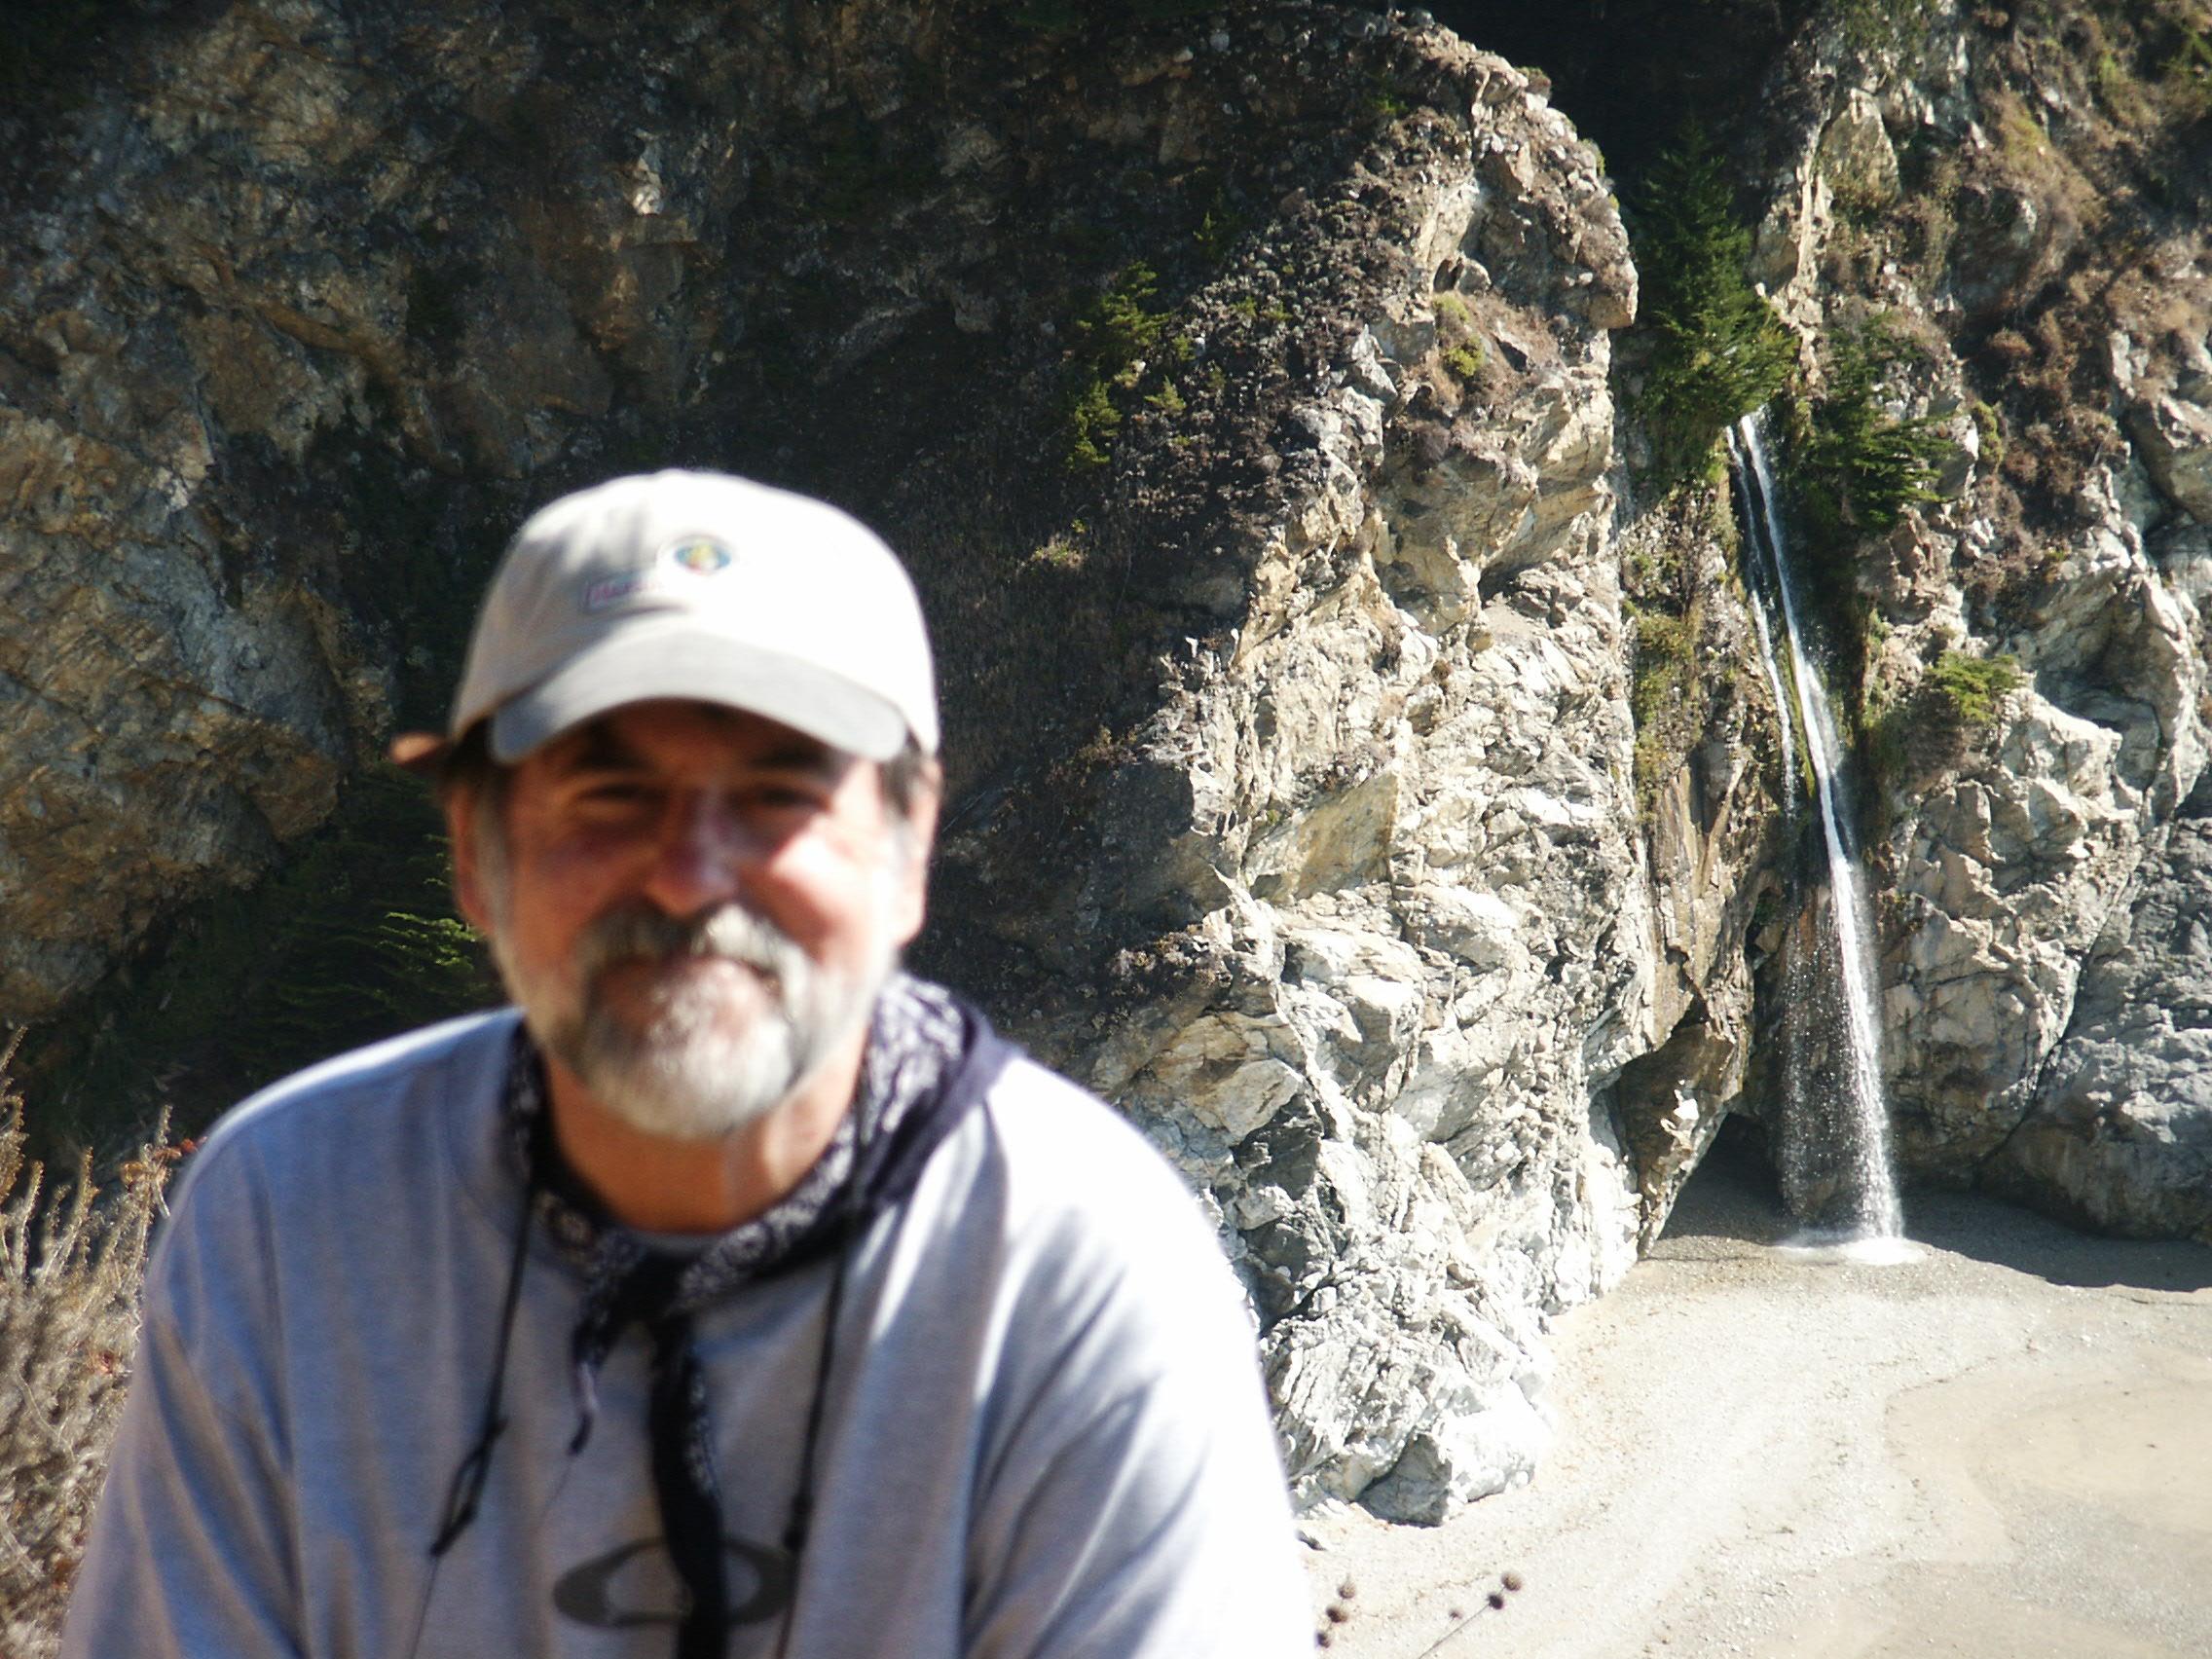 jockoncaliforniacoasttripseptember2003.jpg